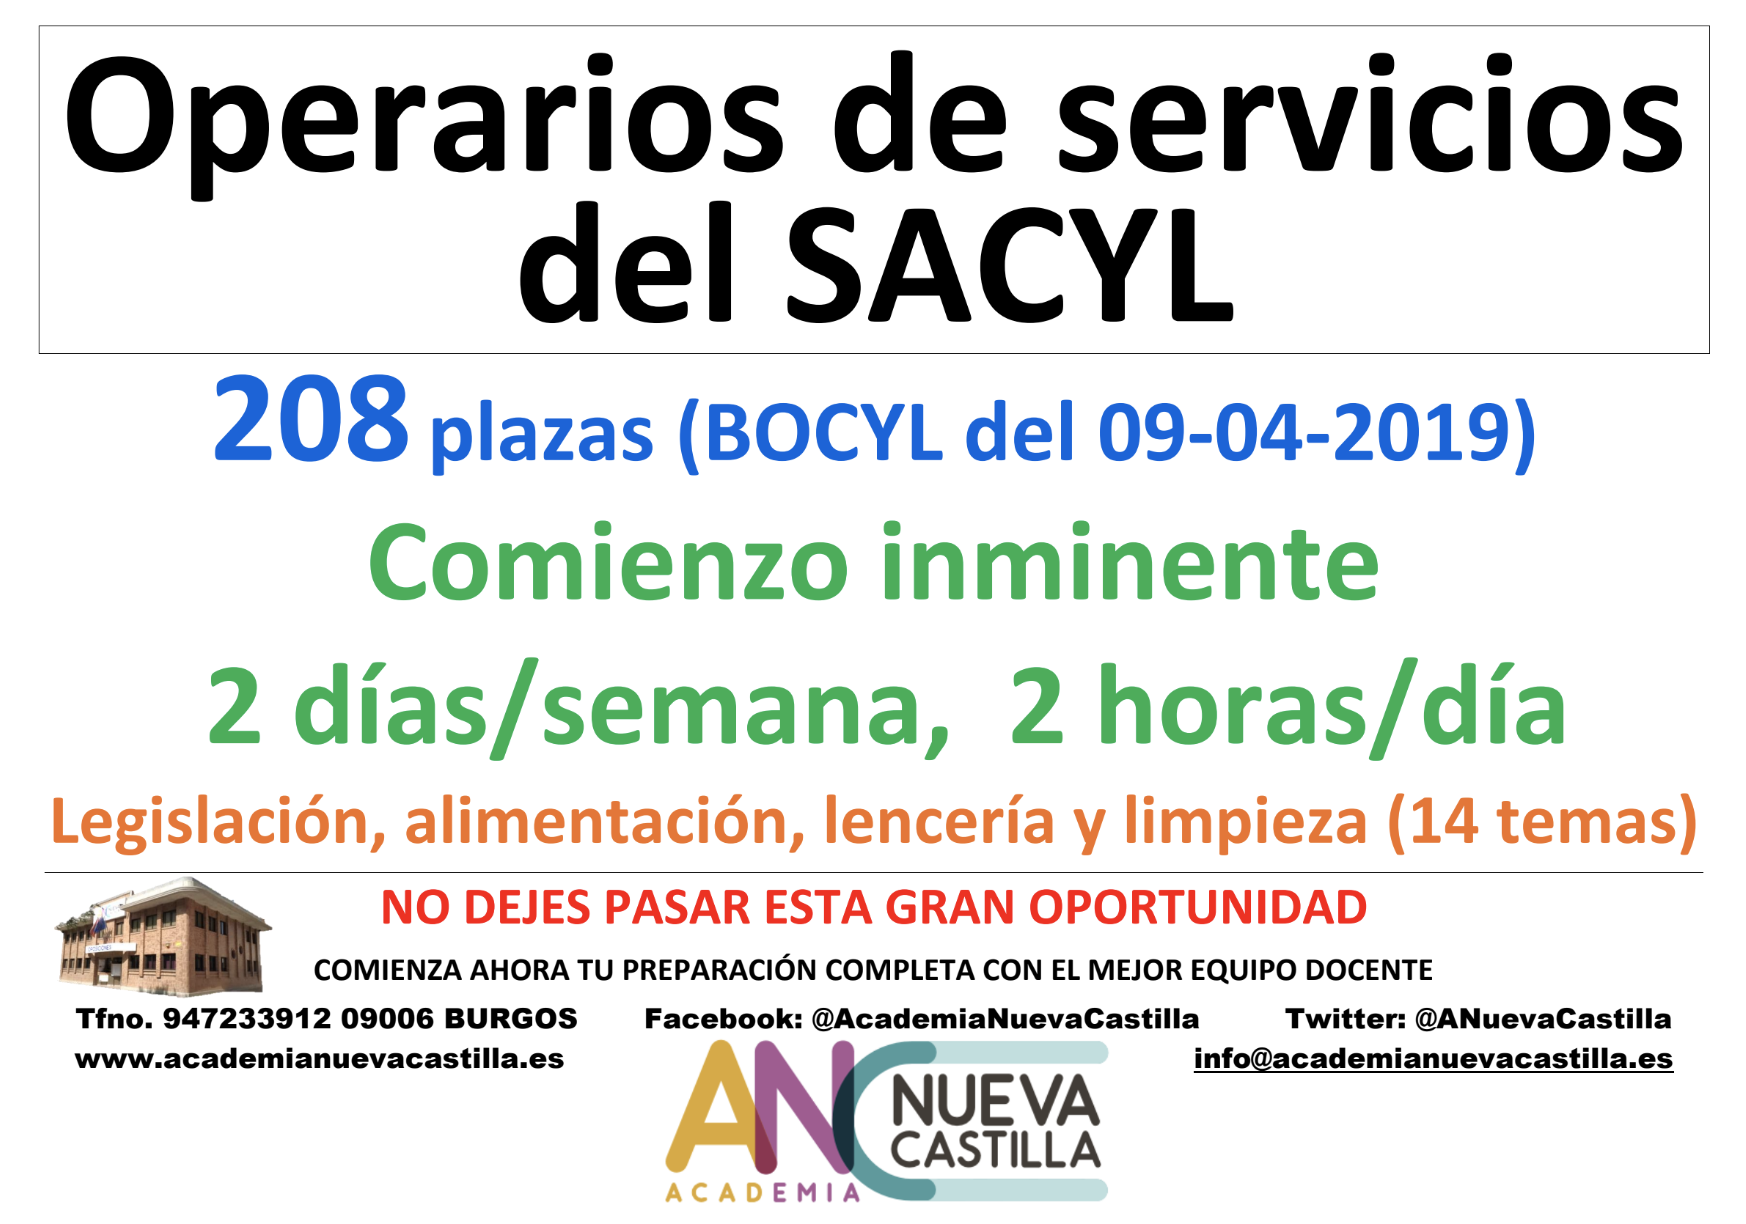 OPERARIOS_SACYL